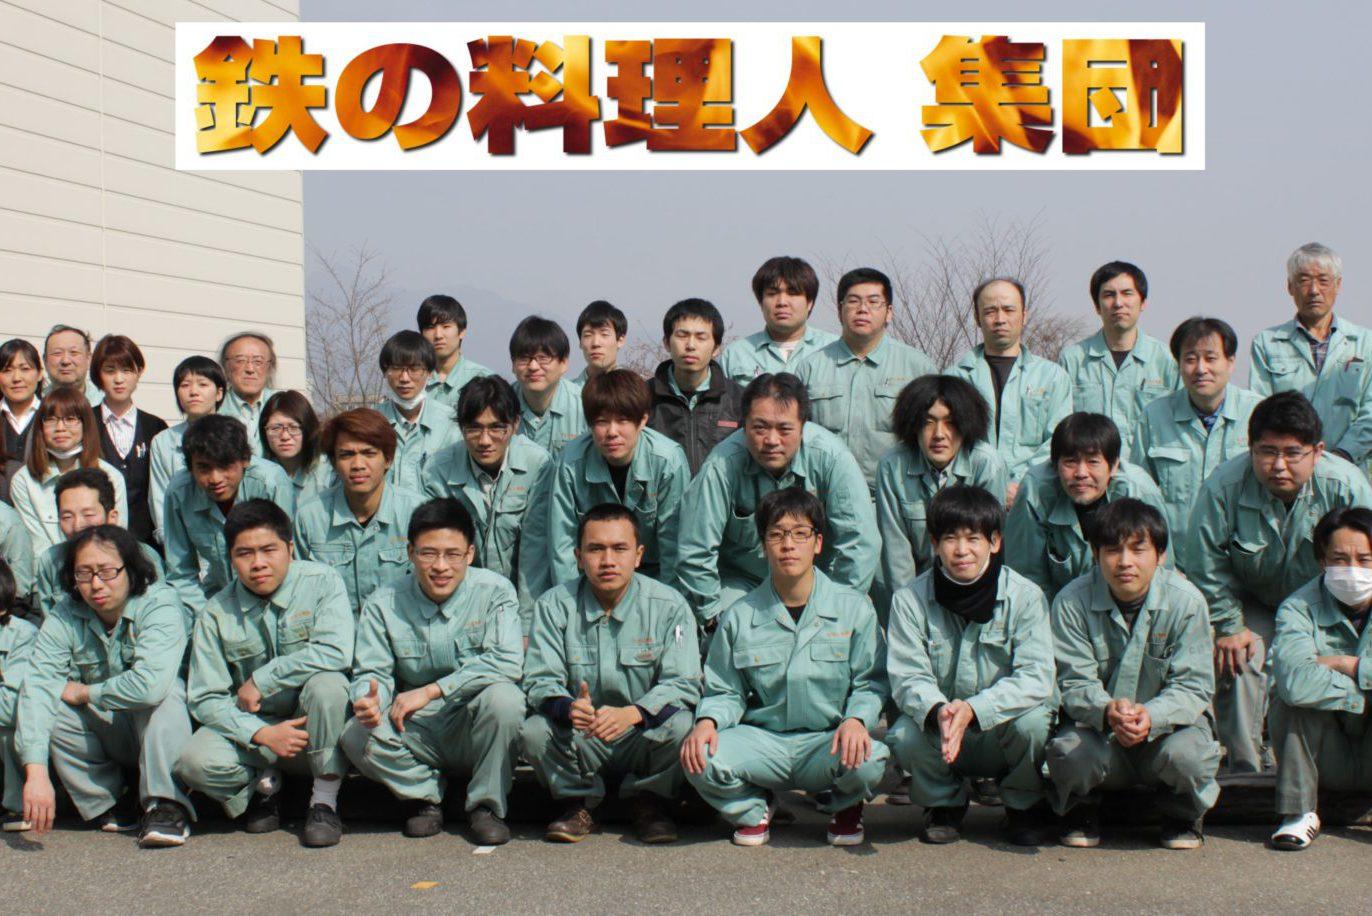 赤田工業株式会社